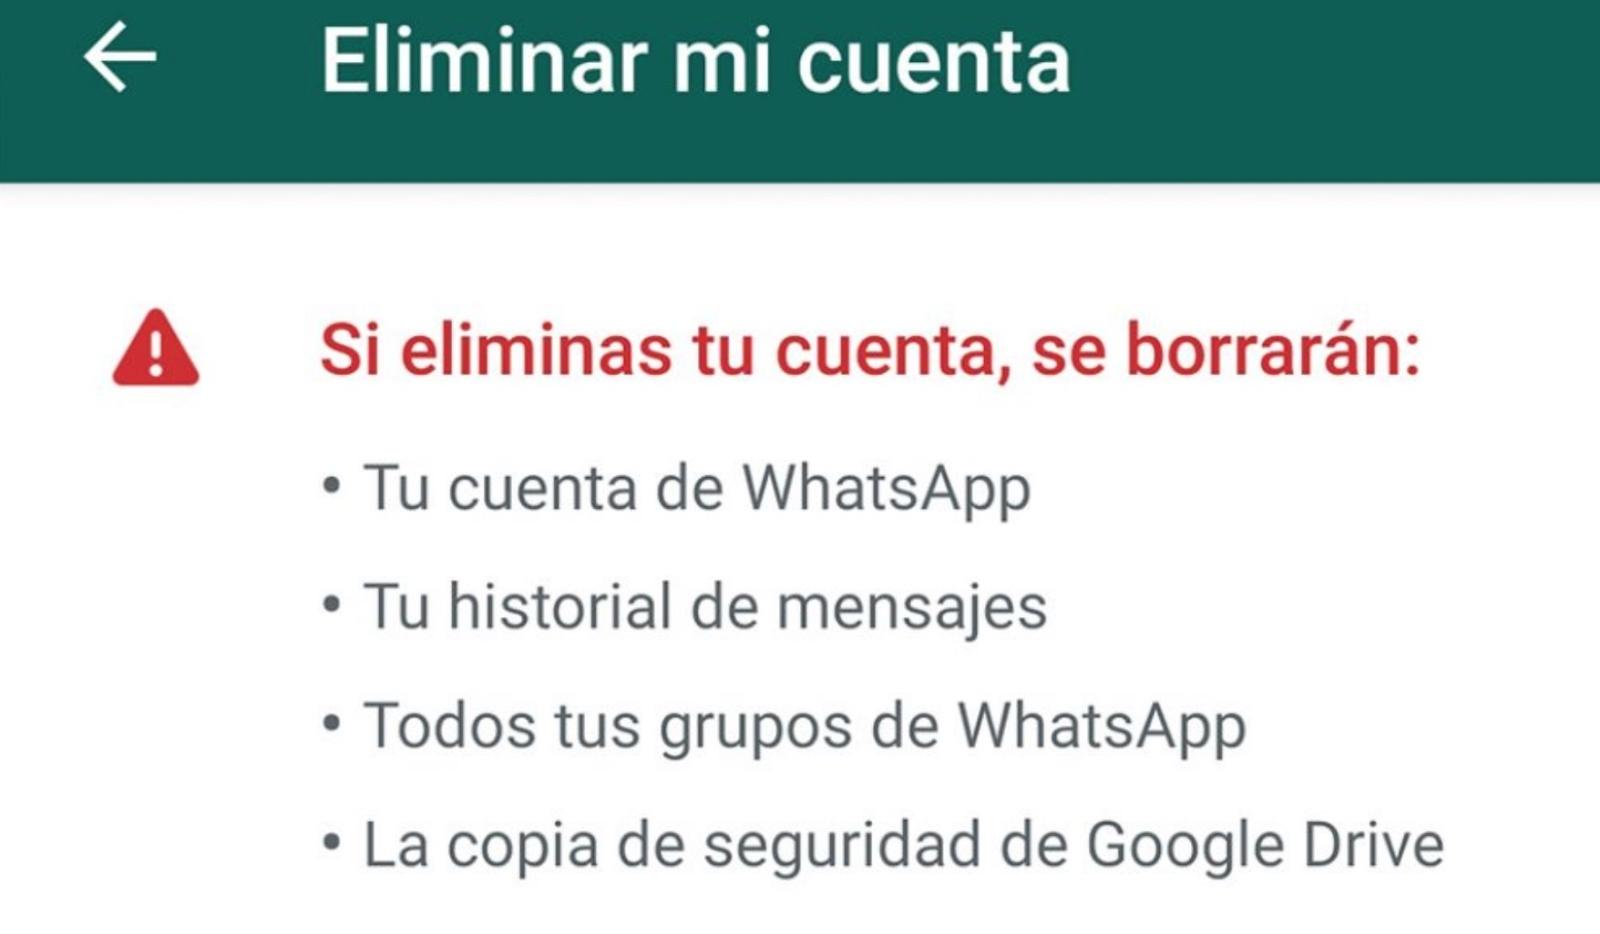 يحدث هذا مع حساب WhatsApp عندما يموت المالك 1